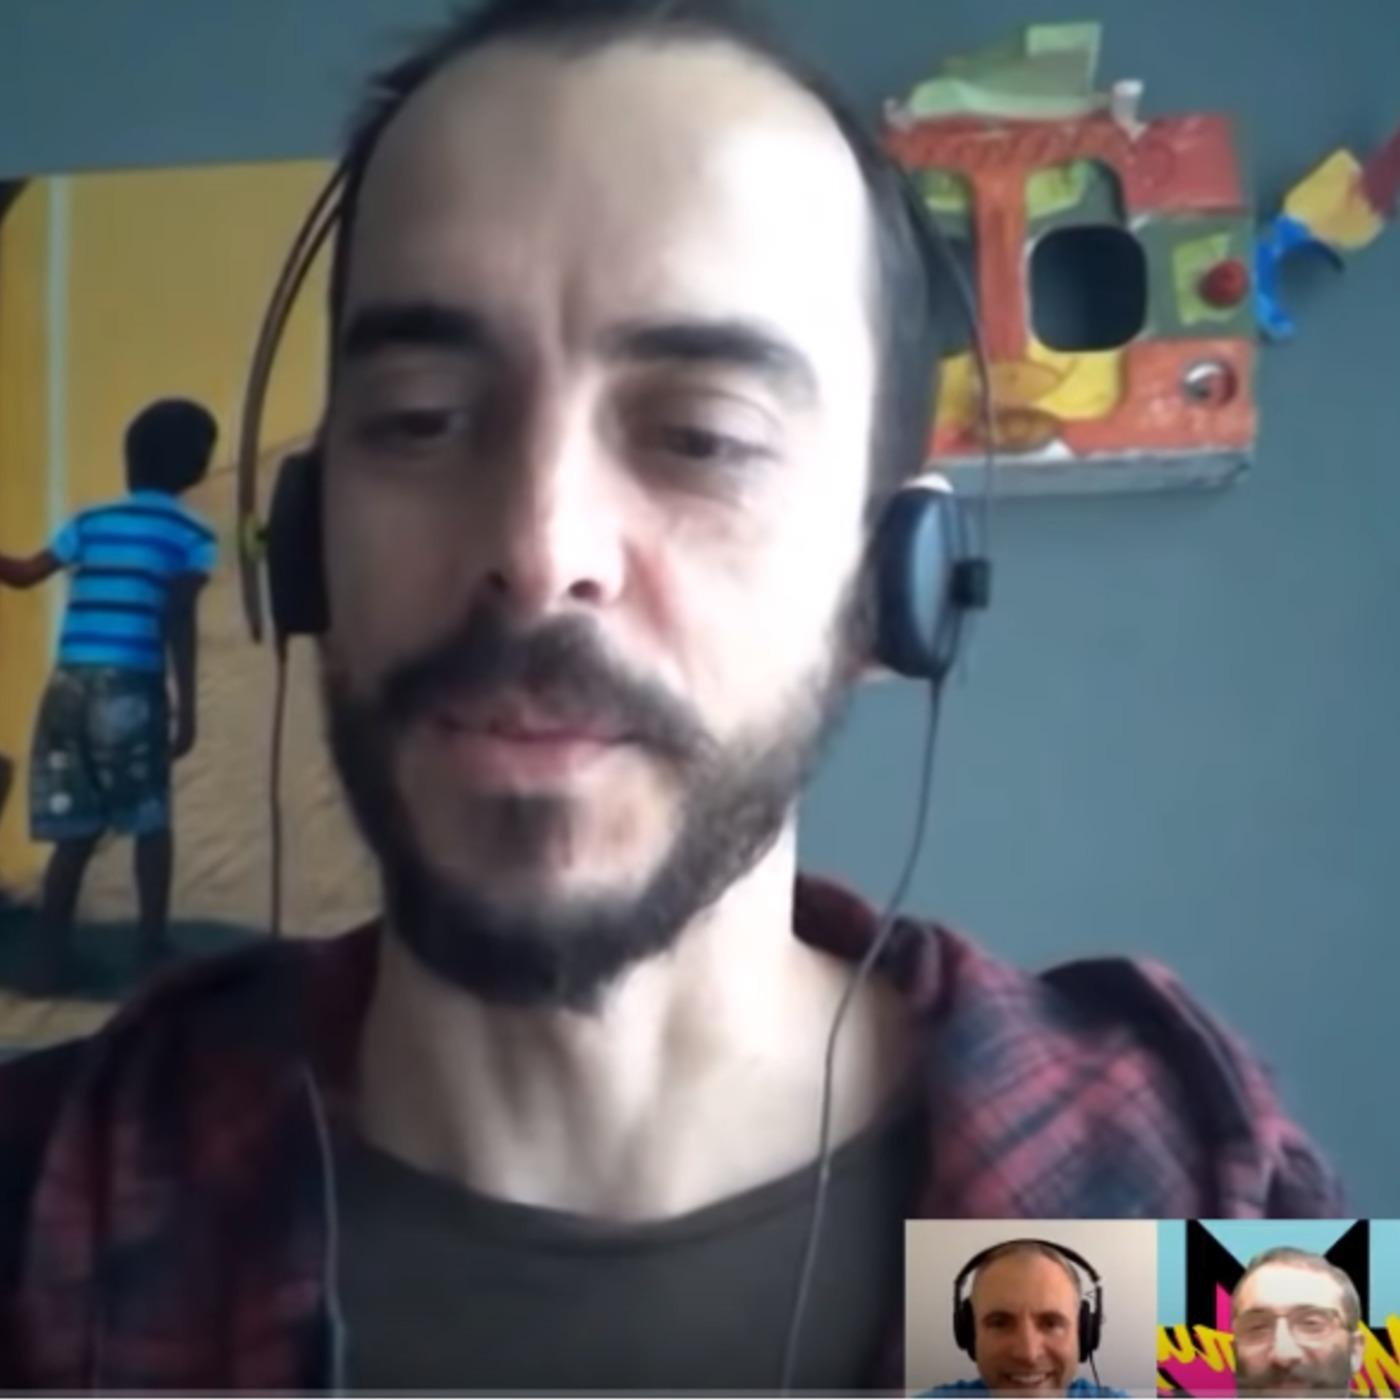 Monero Talk the-mission-of-monerujo--the-android-open-source-monero-wallet: The Mission of Monerujo -- the Android Open Source Monero Wallet